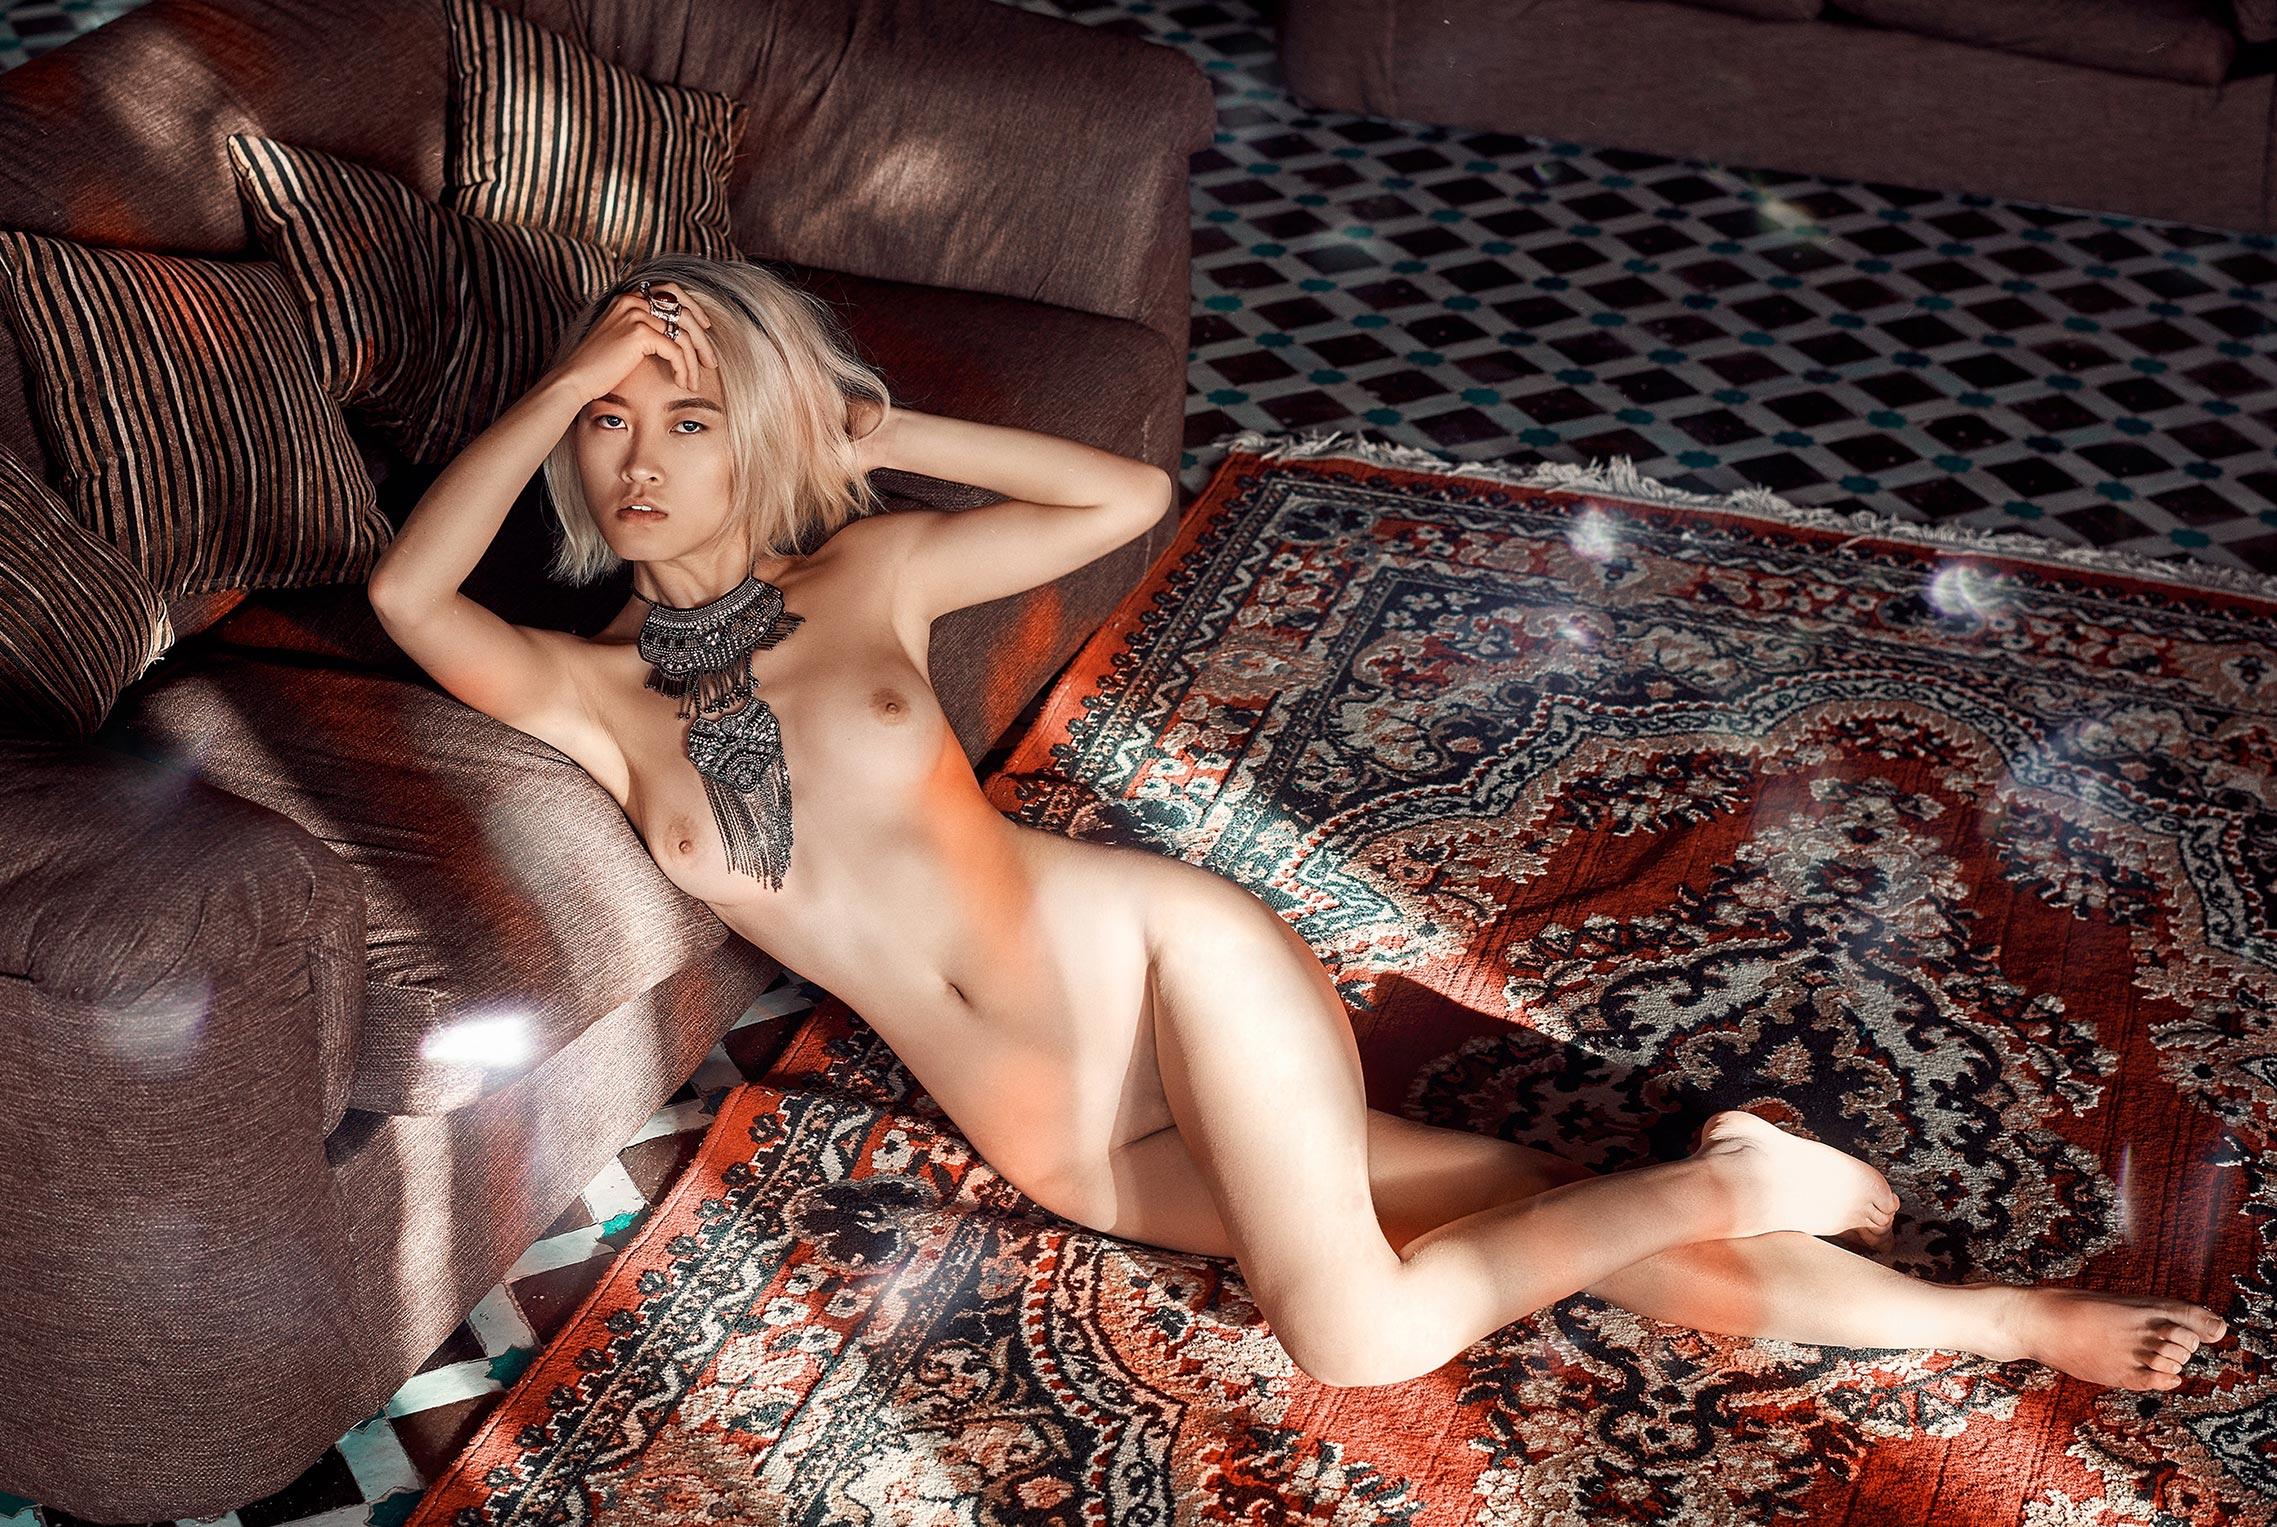 голая девушка на марокканских коврах / фото 05